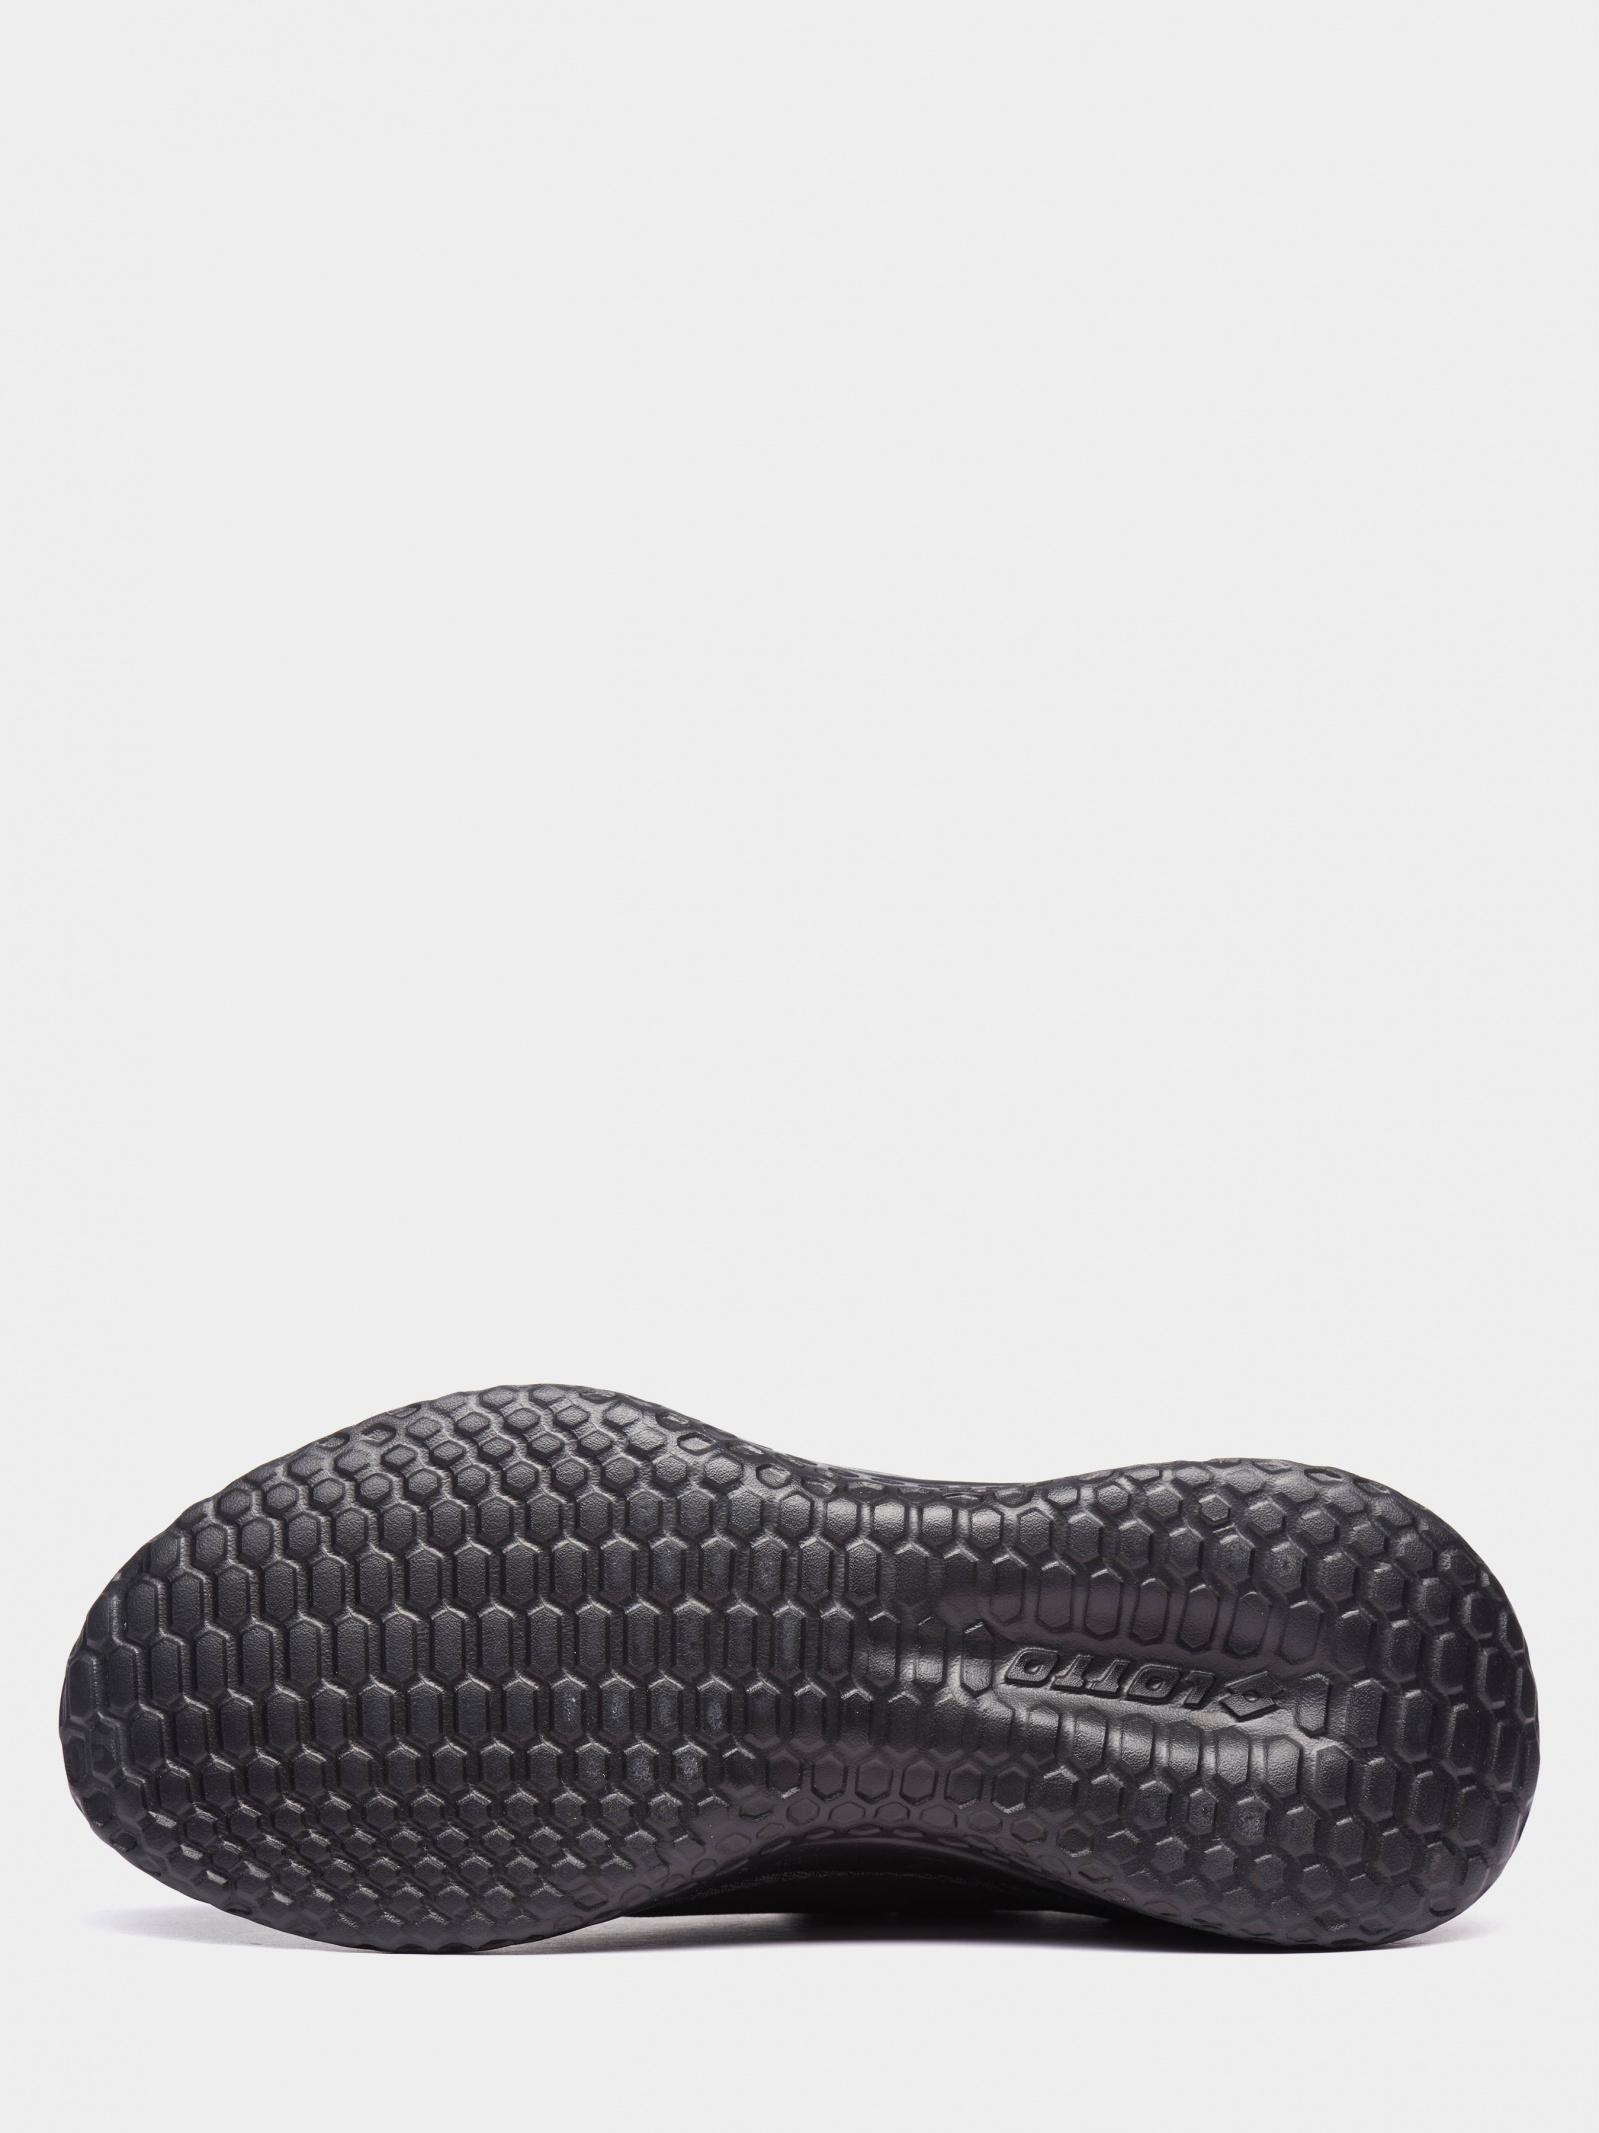 Кросівки  жіночі EVOLIGHT LF W 212122_1HA замовити, 2017